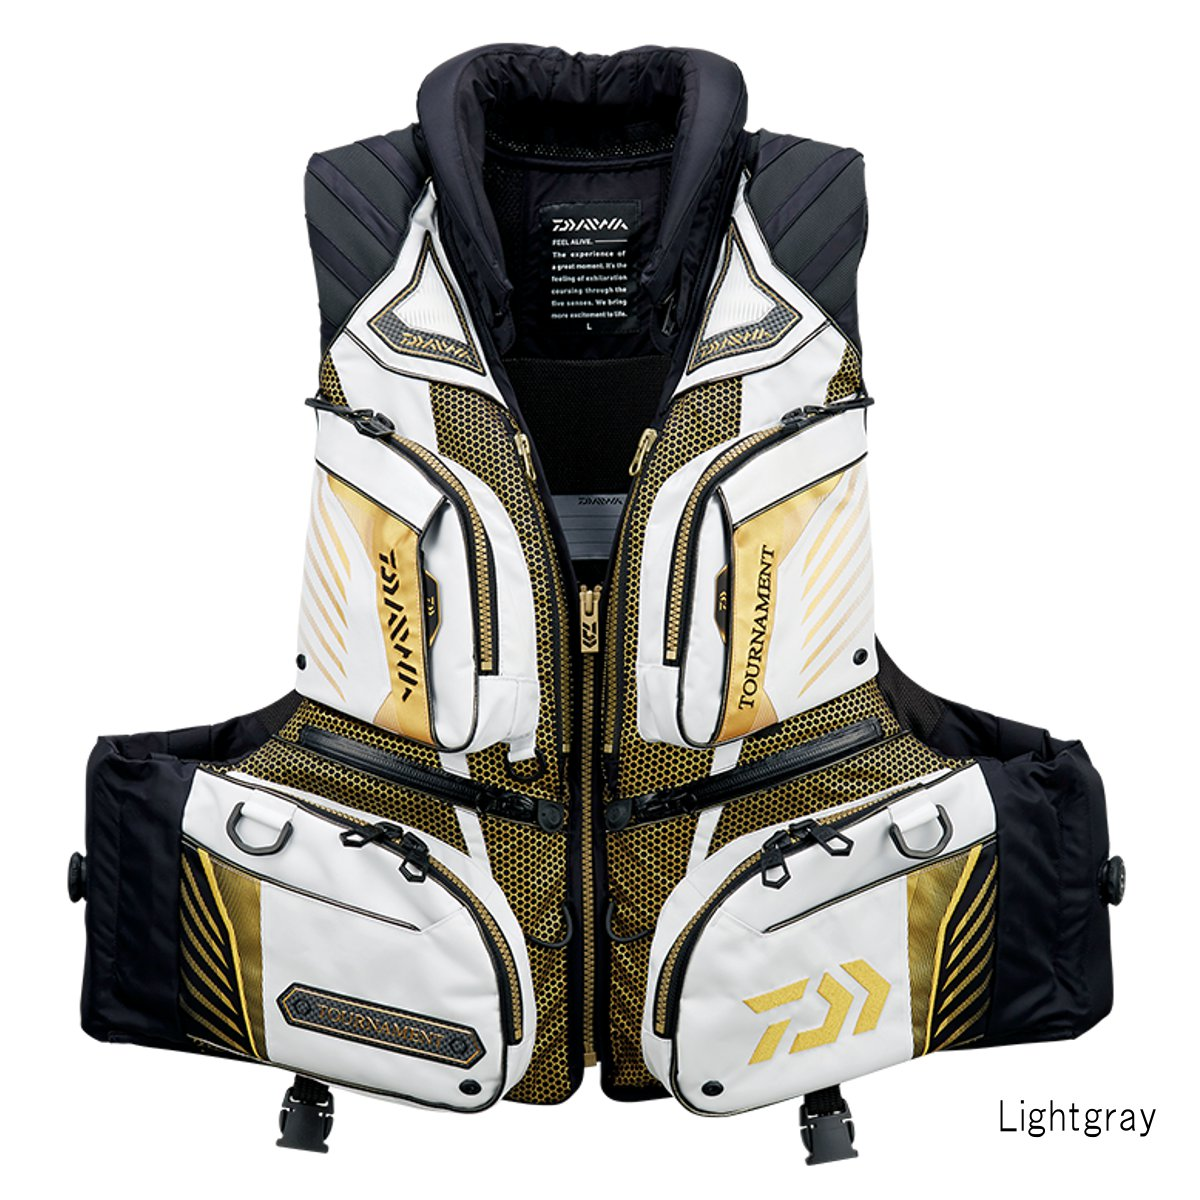 ダイワ トーナメント バリアテック 枕つきサイバーフロート DF-3108T L Lightgray【送料無料】